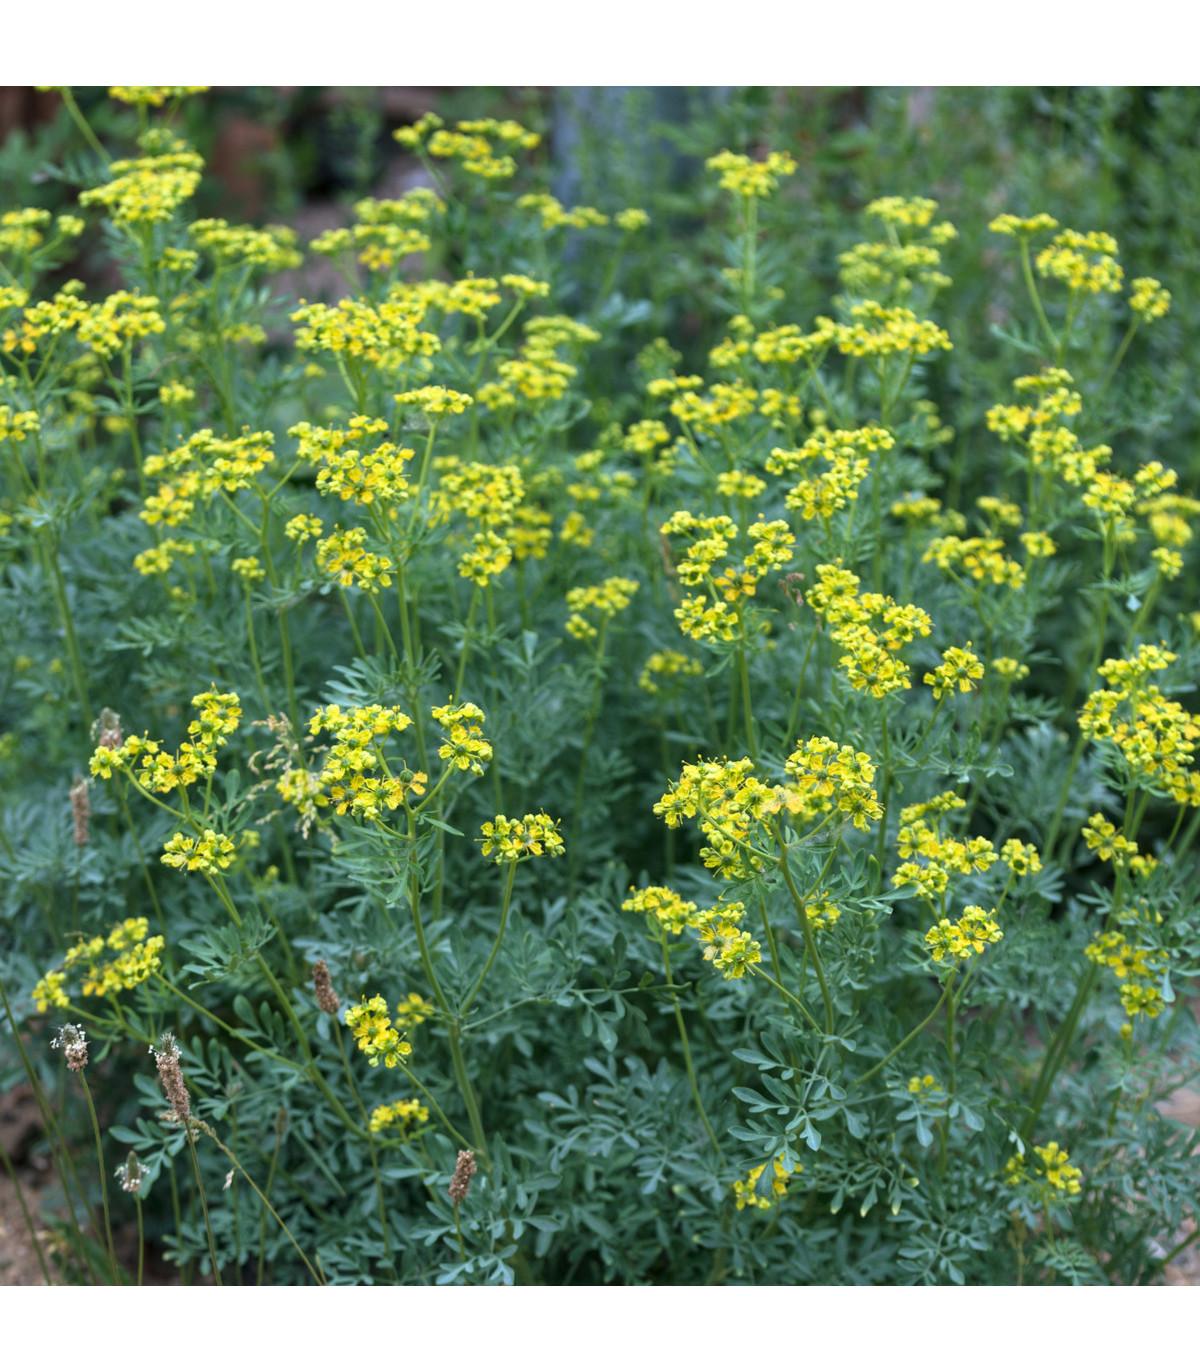 Routa vonná - semena Routy - rostlina Ruta graveolens pěstování - 10 ks